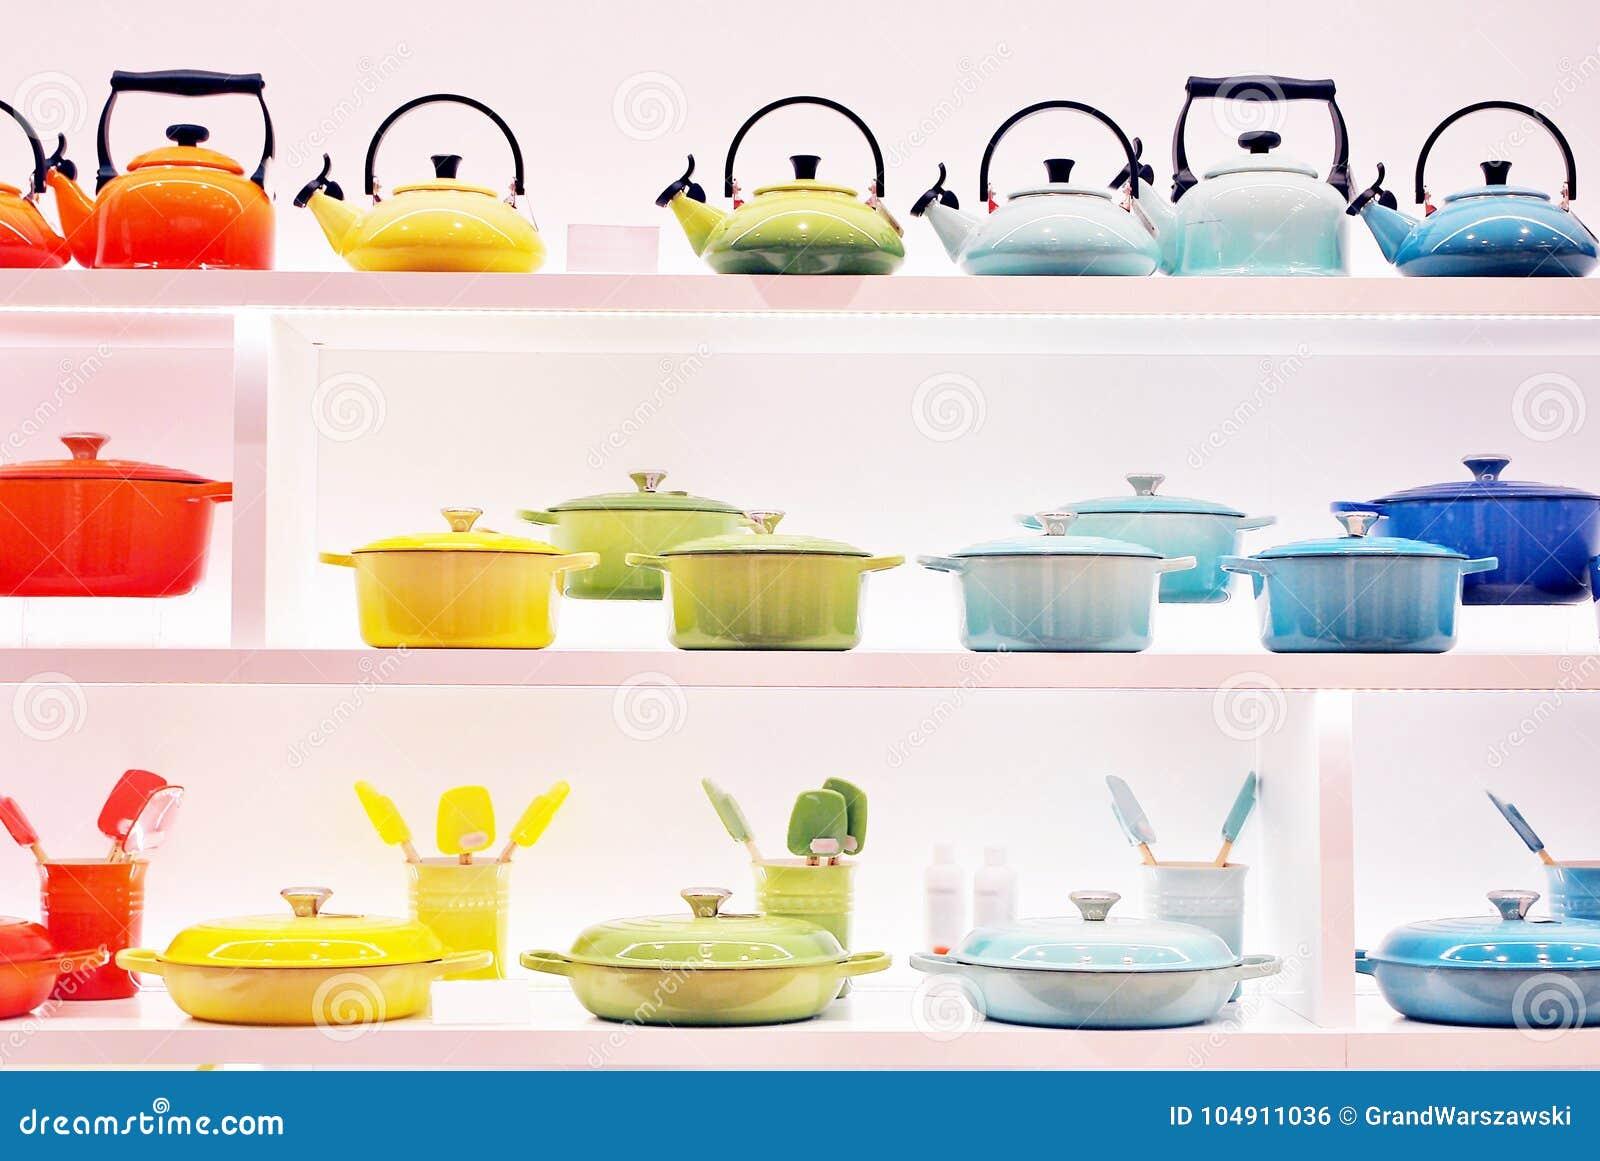 Tiendas De Utensilios De Cocina | Utensilios De La Cocina En La Exhibicion En Tienda Foto De Archivo